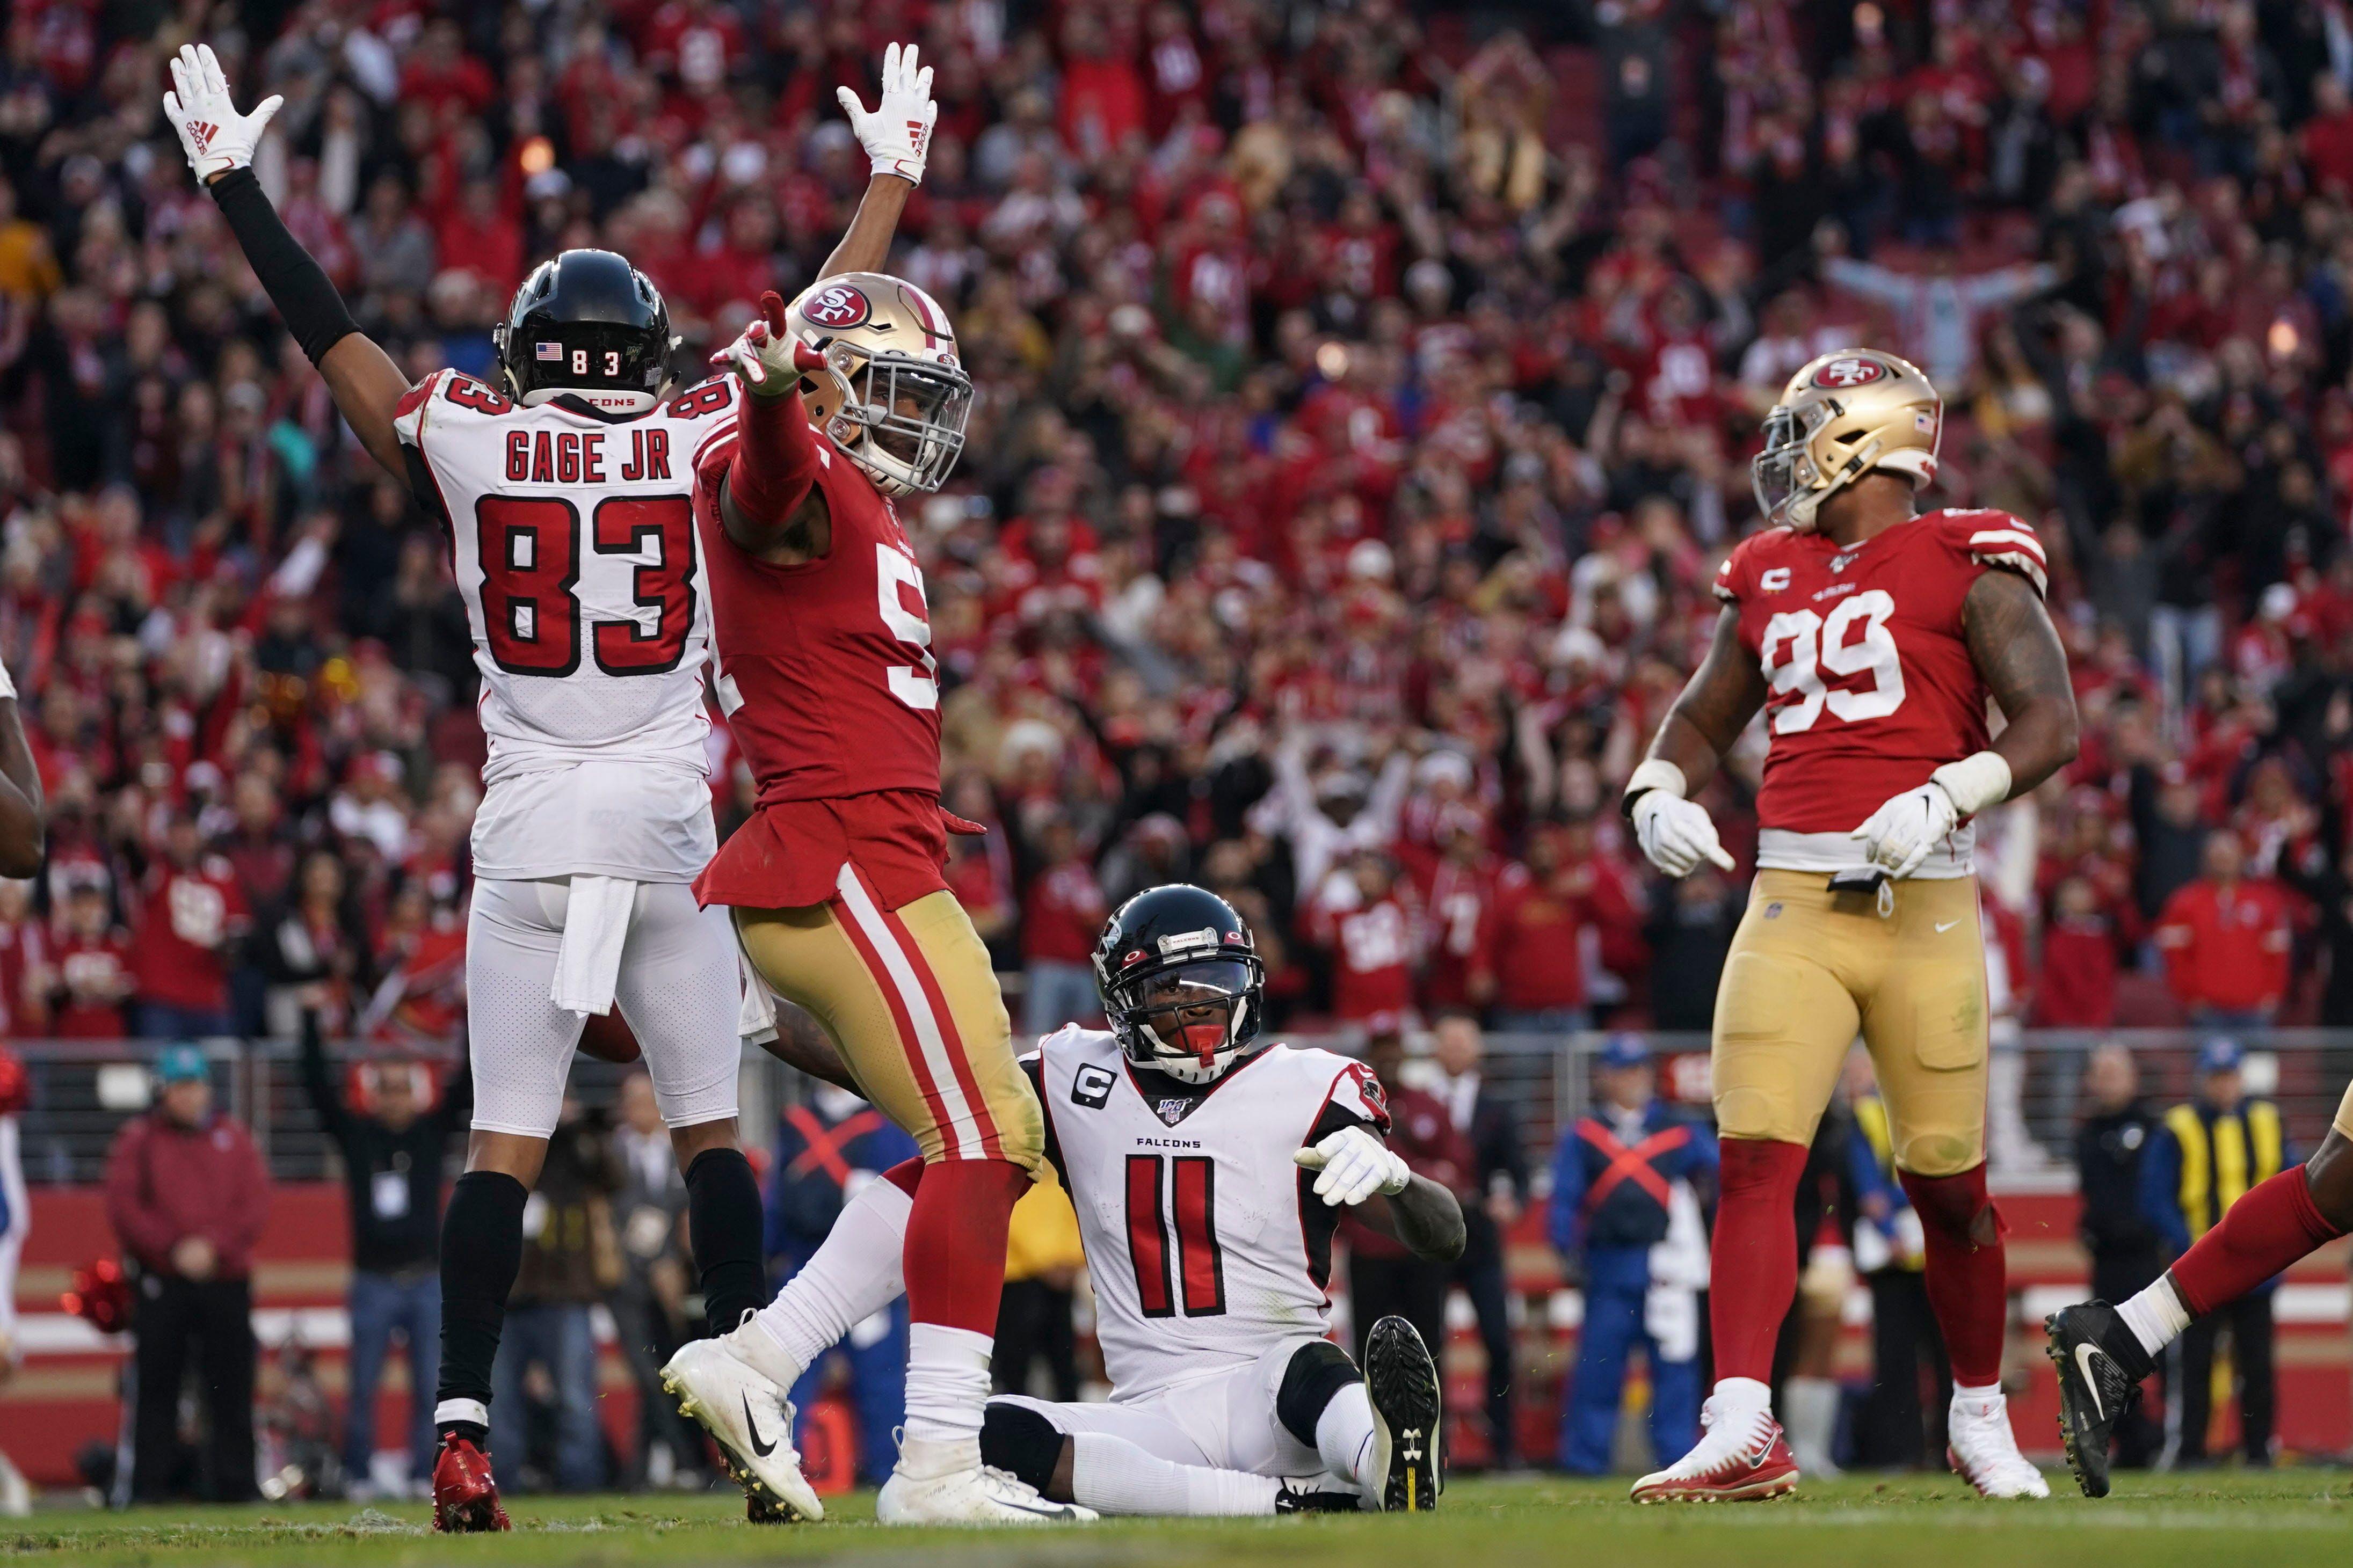 Falcons Stun 49ers On Julio Jones Score In Wild Game Ending Sequence Julio Jones Sports Top Nfl